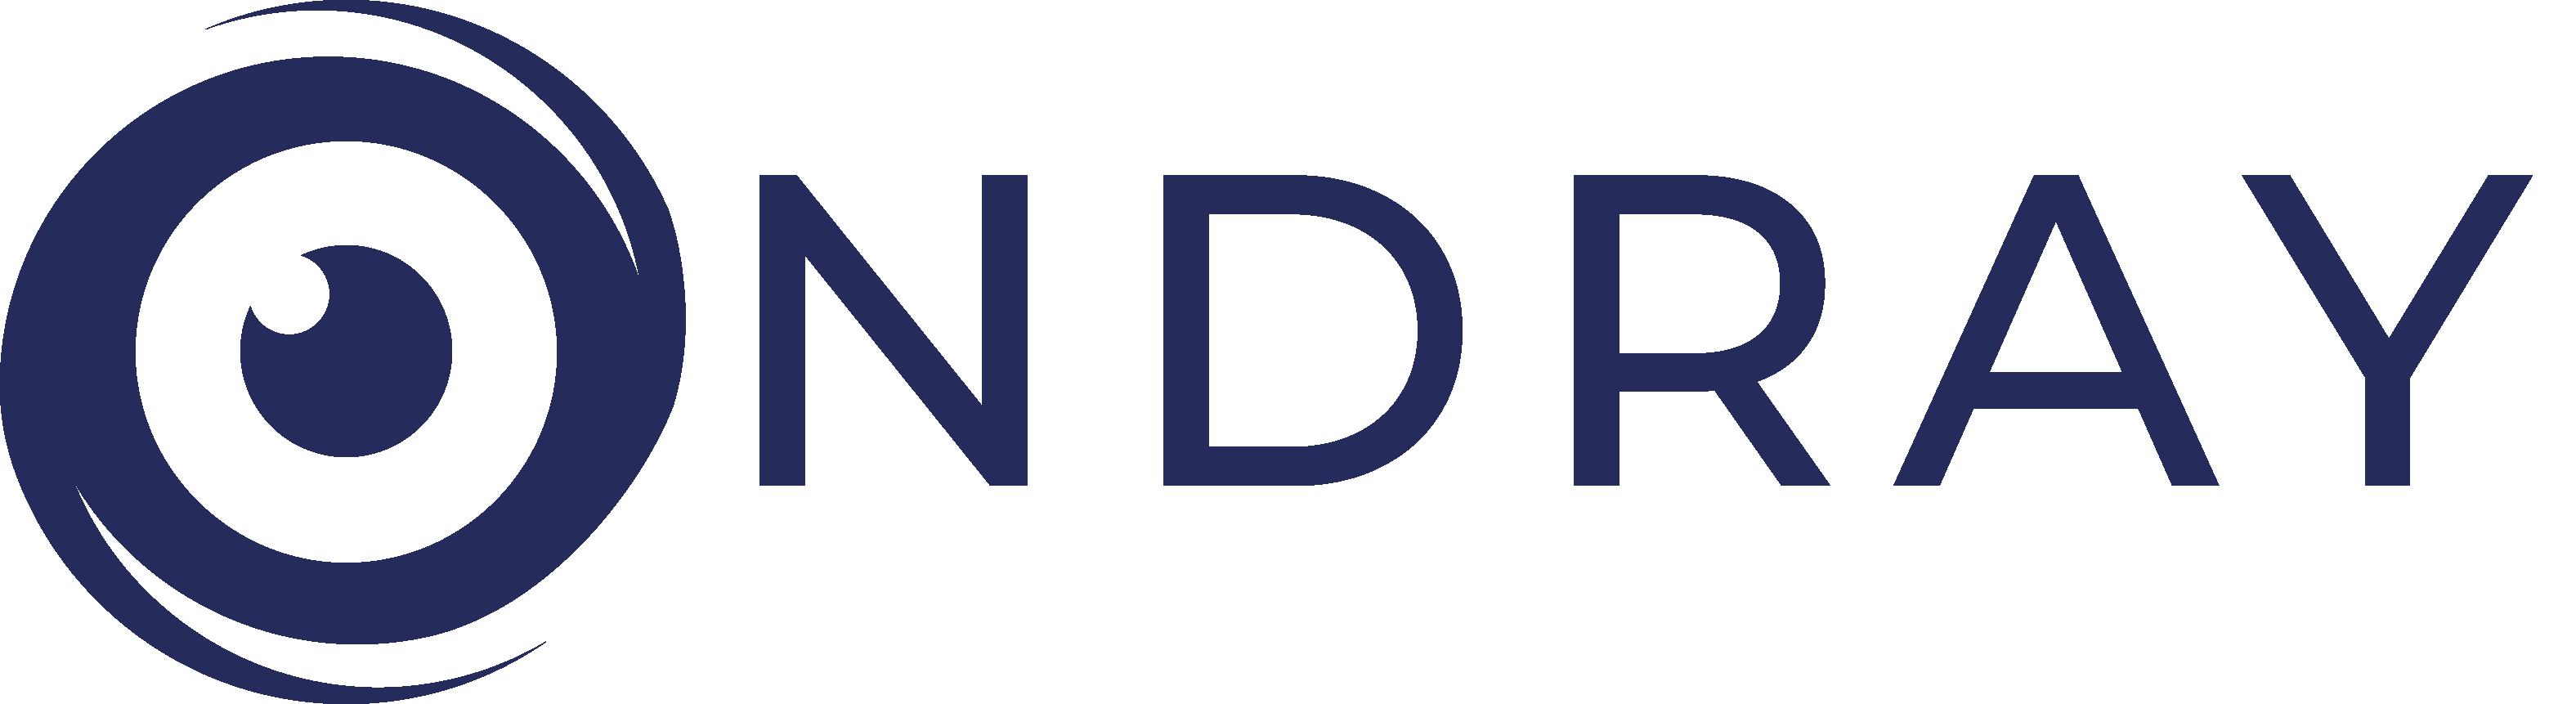 ONDRAY Brand